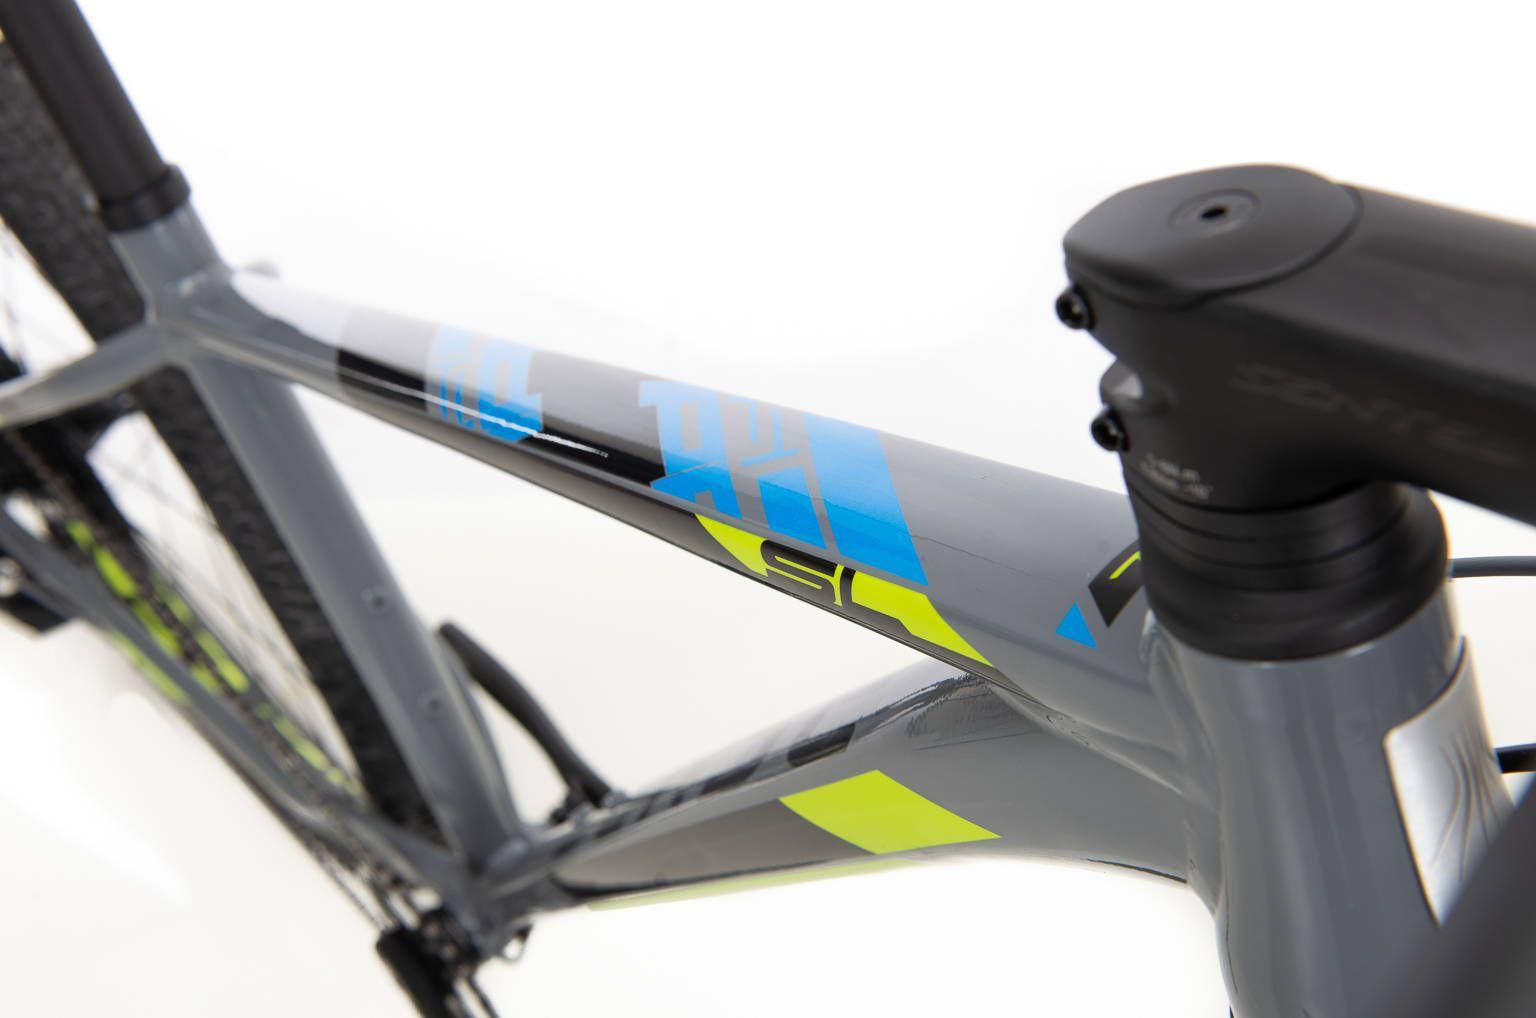 Bicicleta SENSE Impact SL aro 29 2020 - 12v Sram SX - Suspensão Rock Shox Judy a AR com trava no guidão